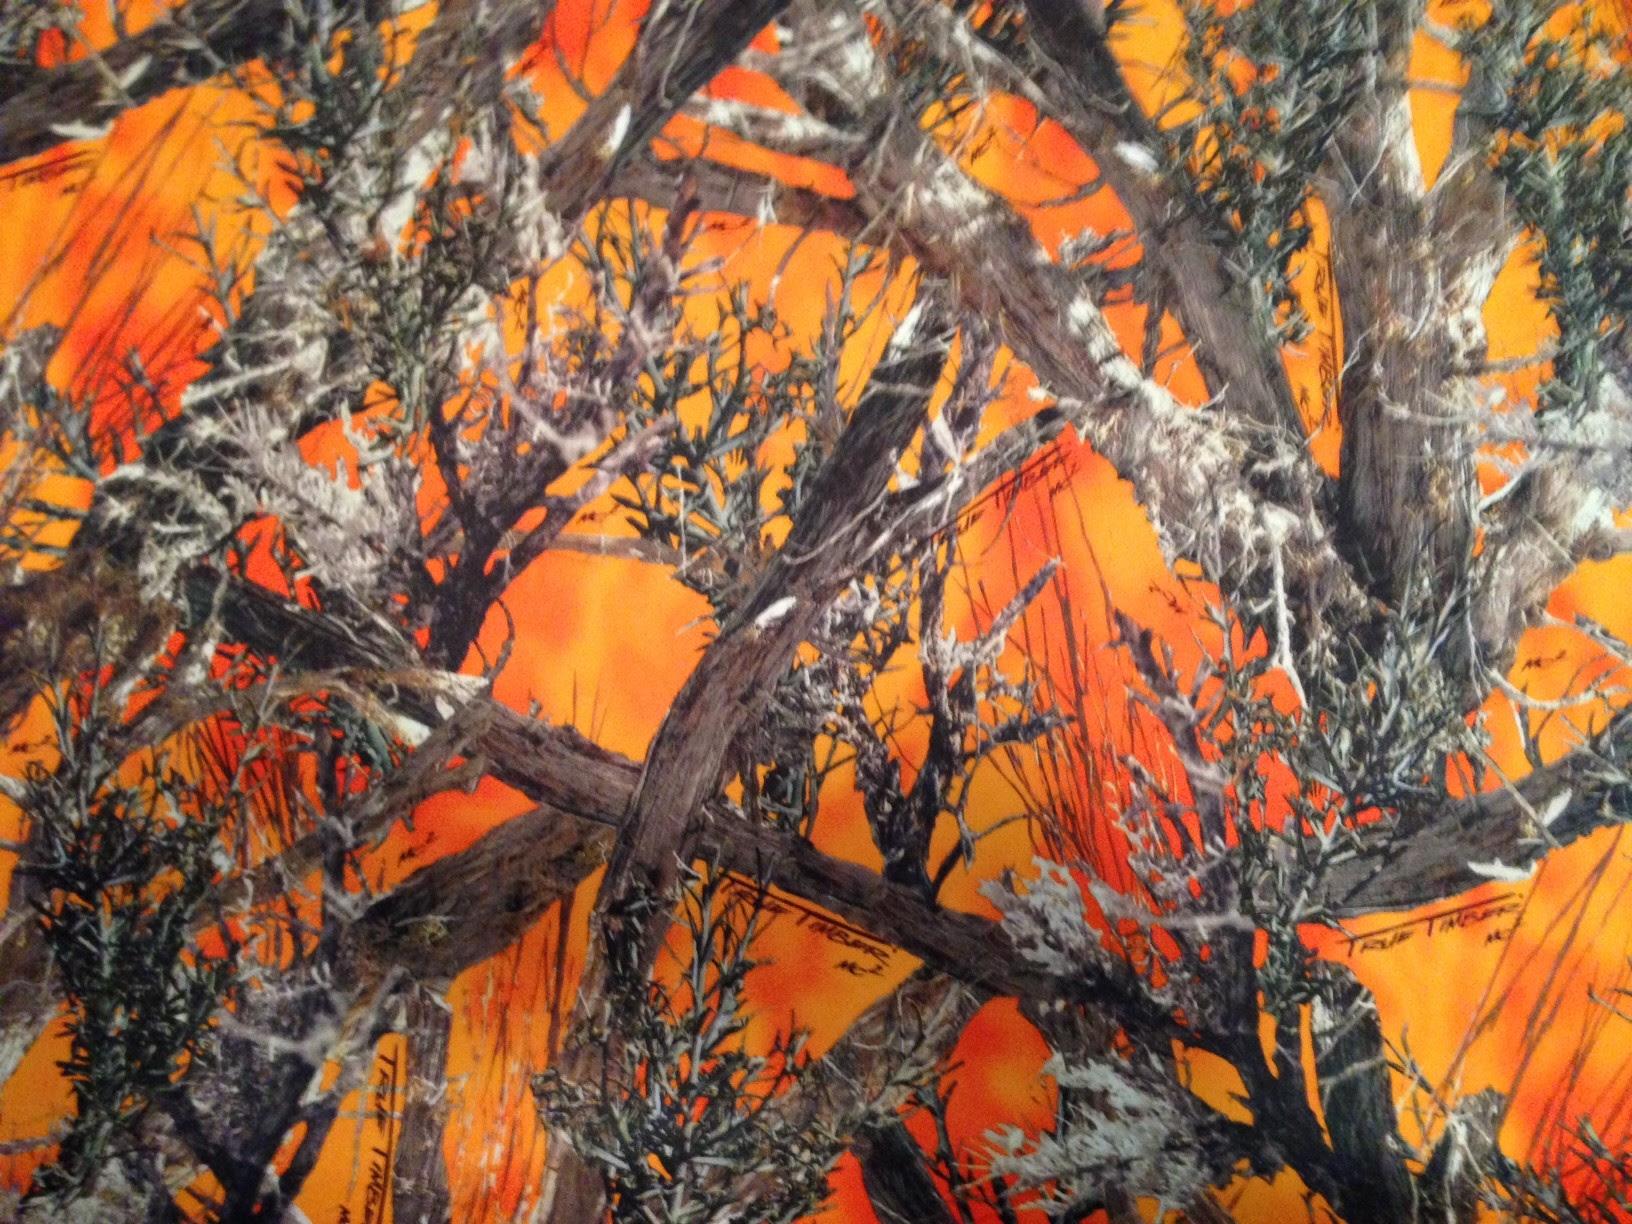 Orange Camo Wallpaper  WallpaperSafari